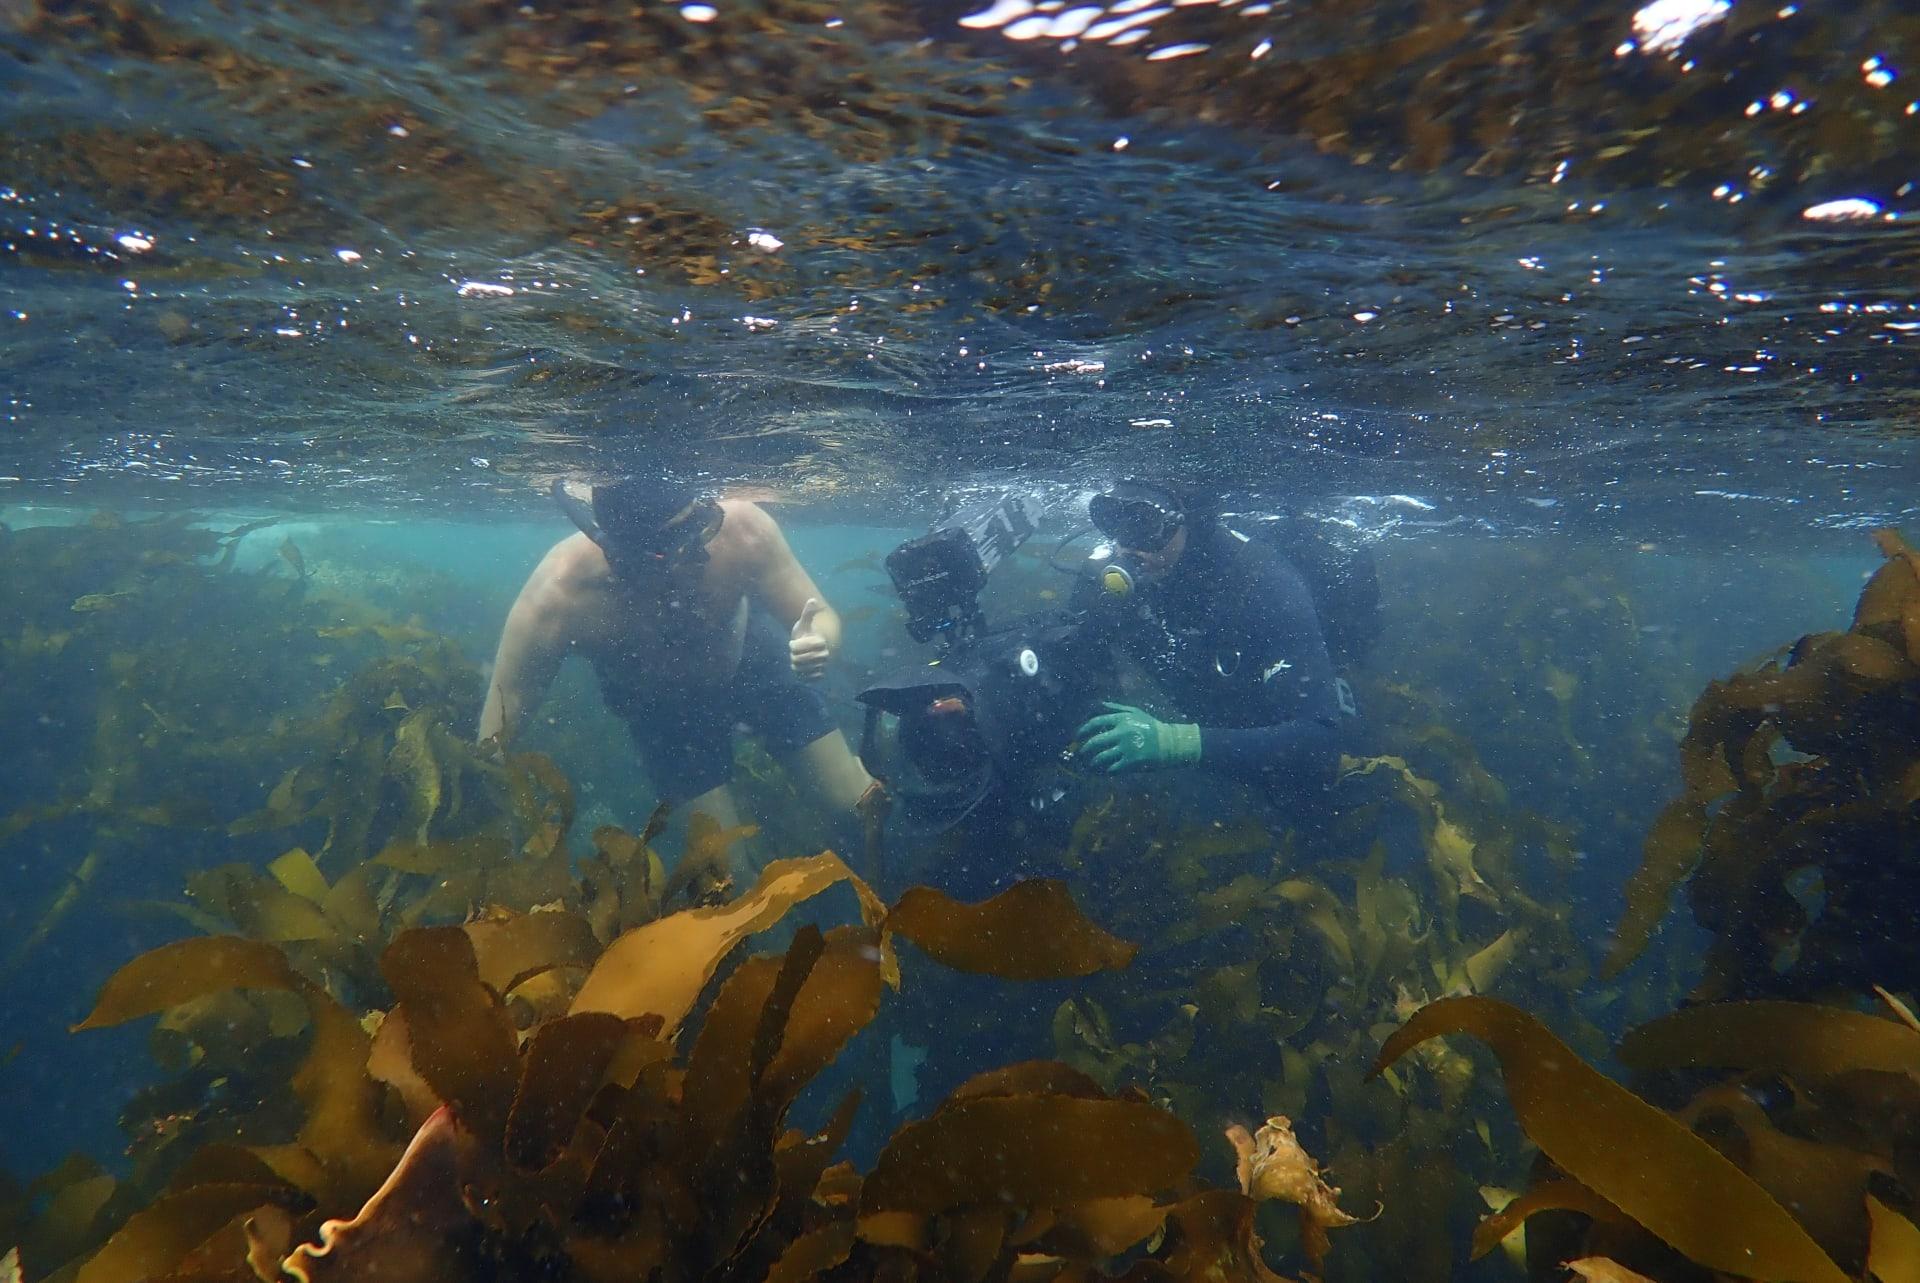 علاقة فريدة تجمع بين غواص وأخطبوط في المحيط الأطلسي بجنوب أفريقيا.. ما سرها؟